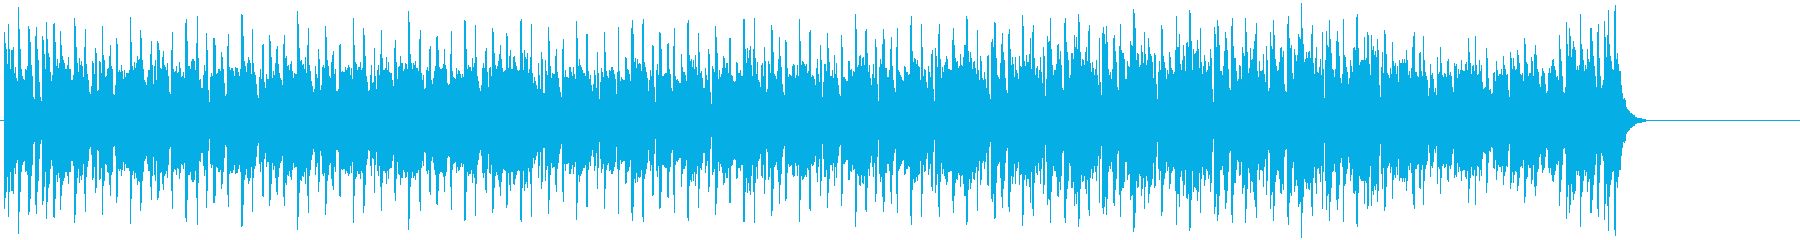 ちょっと退廃的なテクノ/ポップ/テーマの再生済みの波形